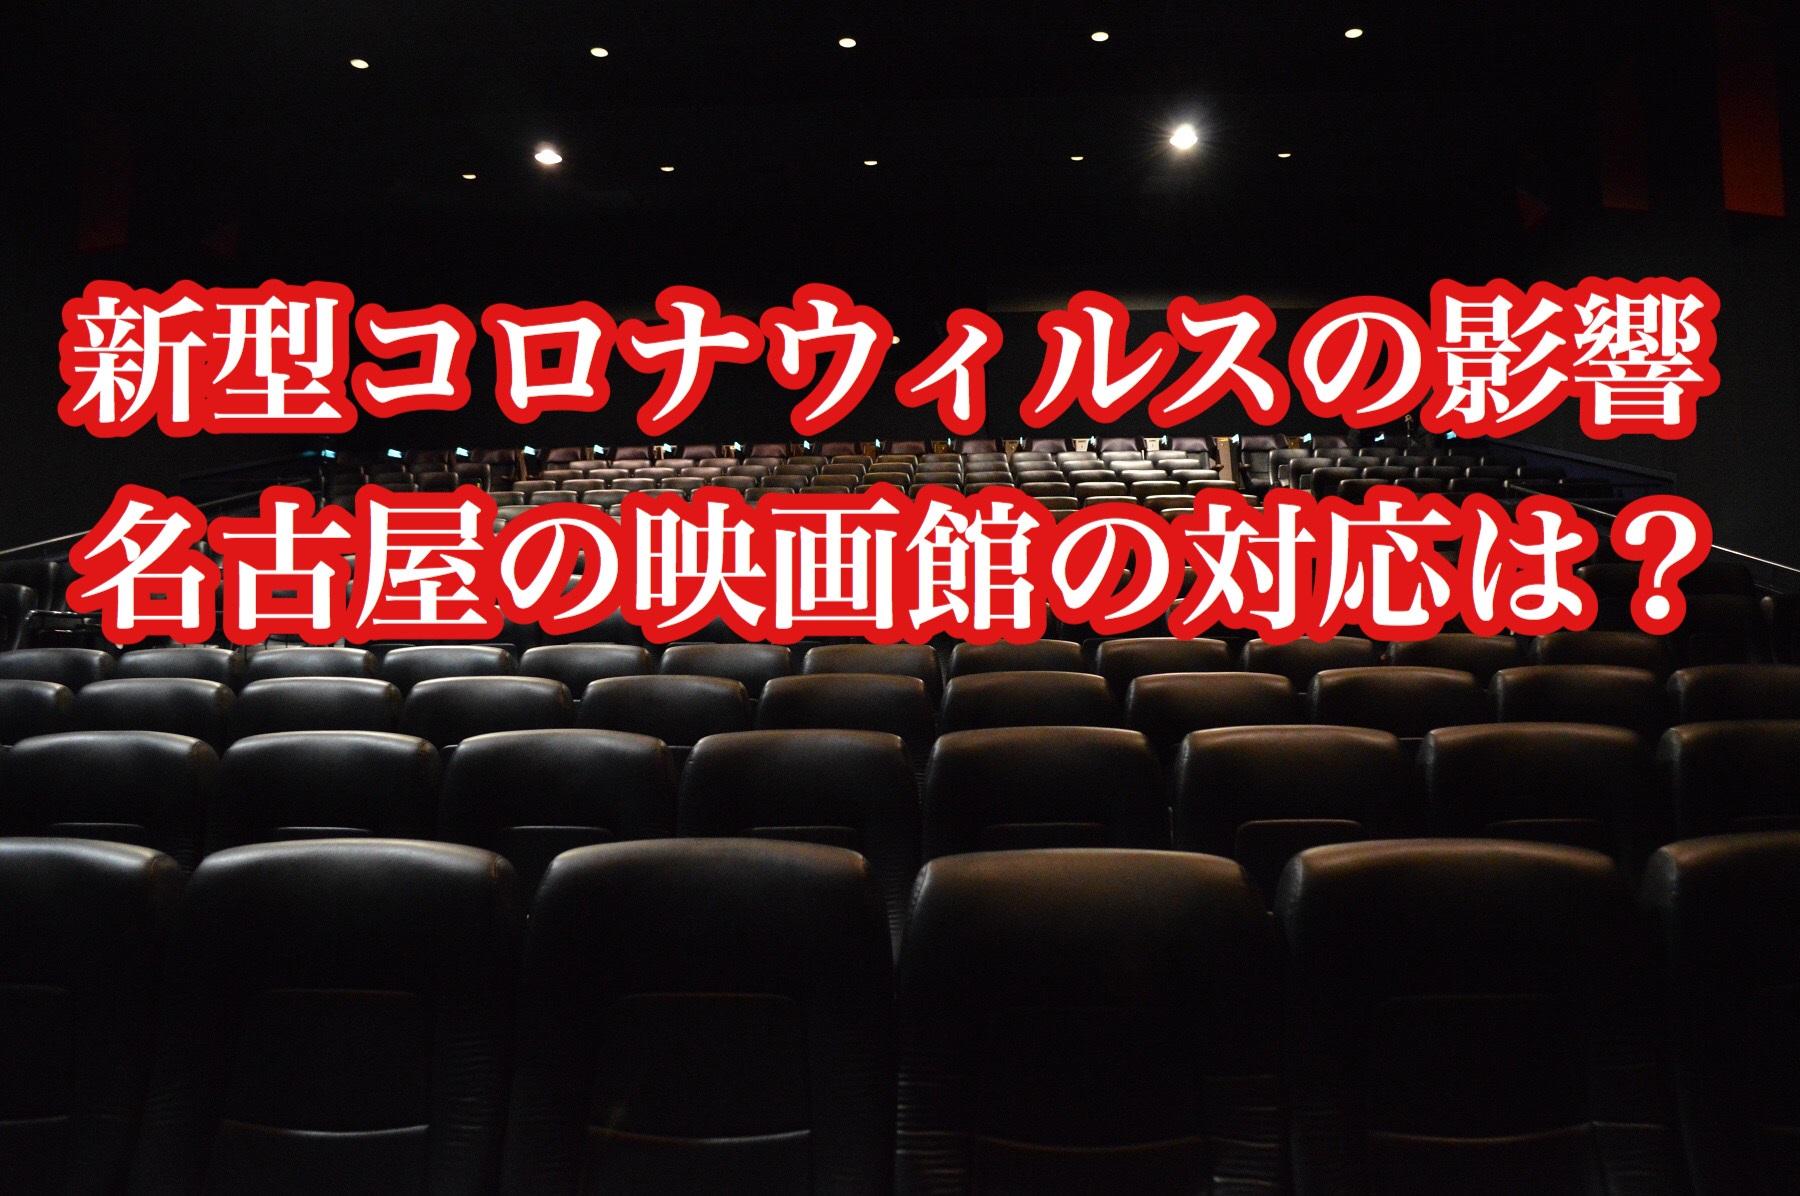 映画 館 コロナ ウイルス